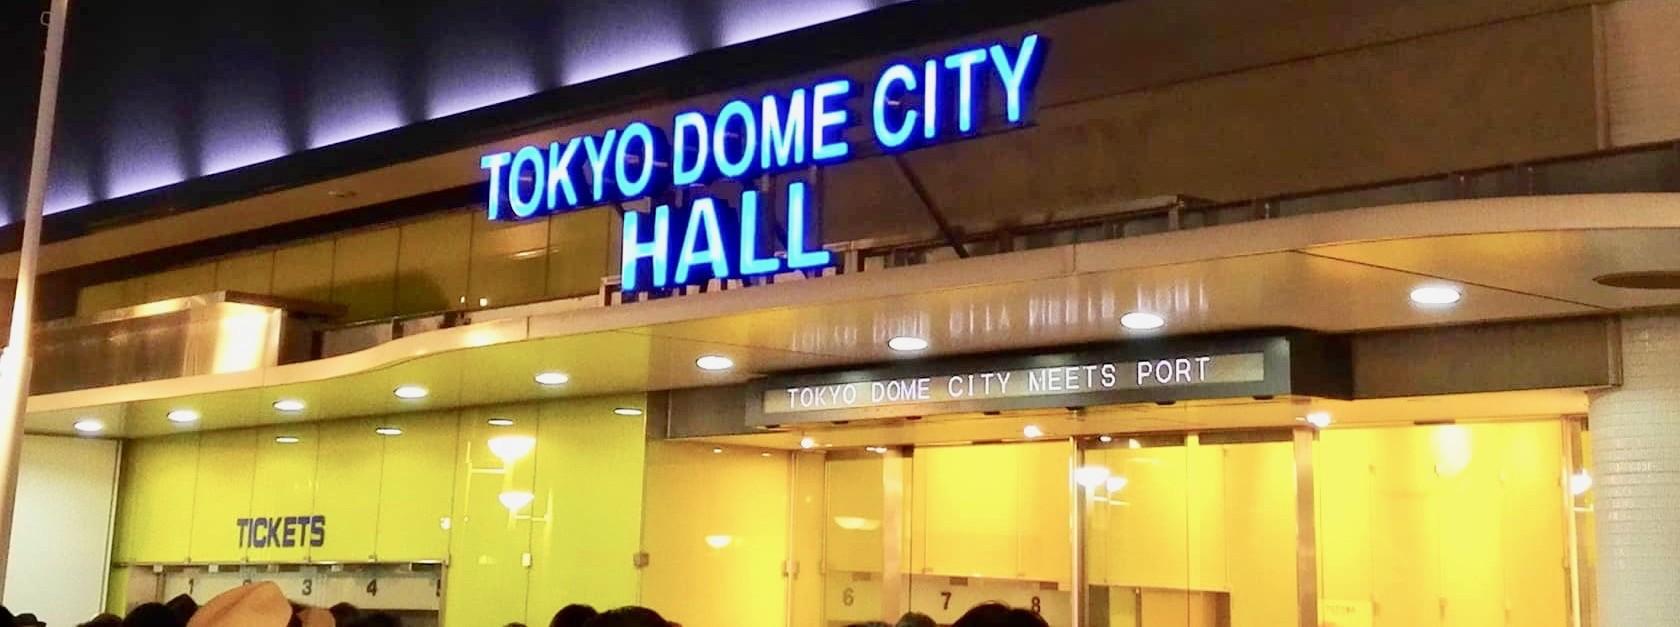 東京ドームシティ 割引